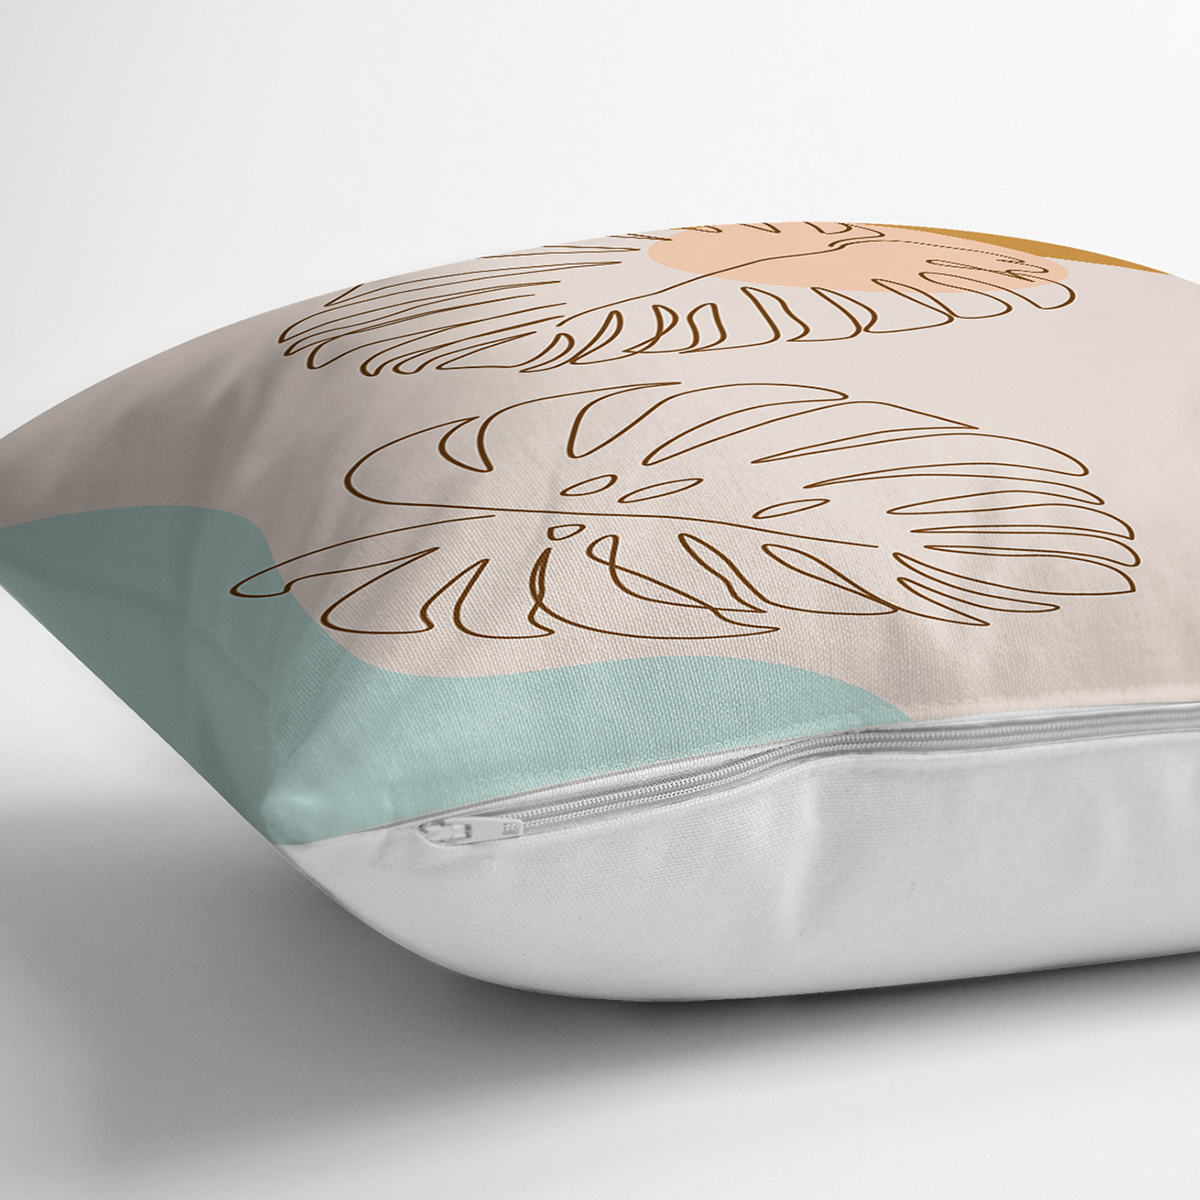 Renkli Zeminli Onedraw Çizimli Yaprak Desenli Dijital Baskılı Modern Yastık Kılıfı Realhomes